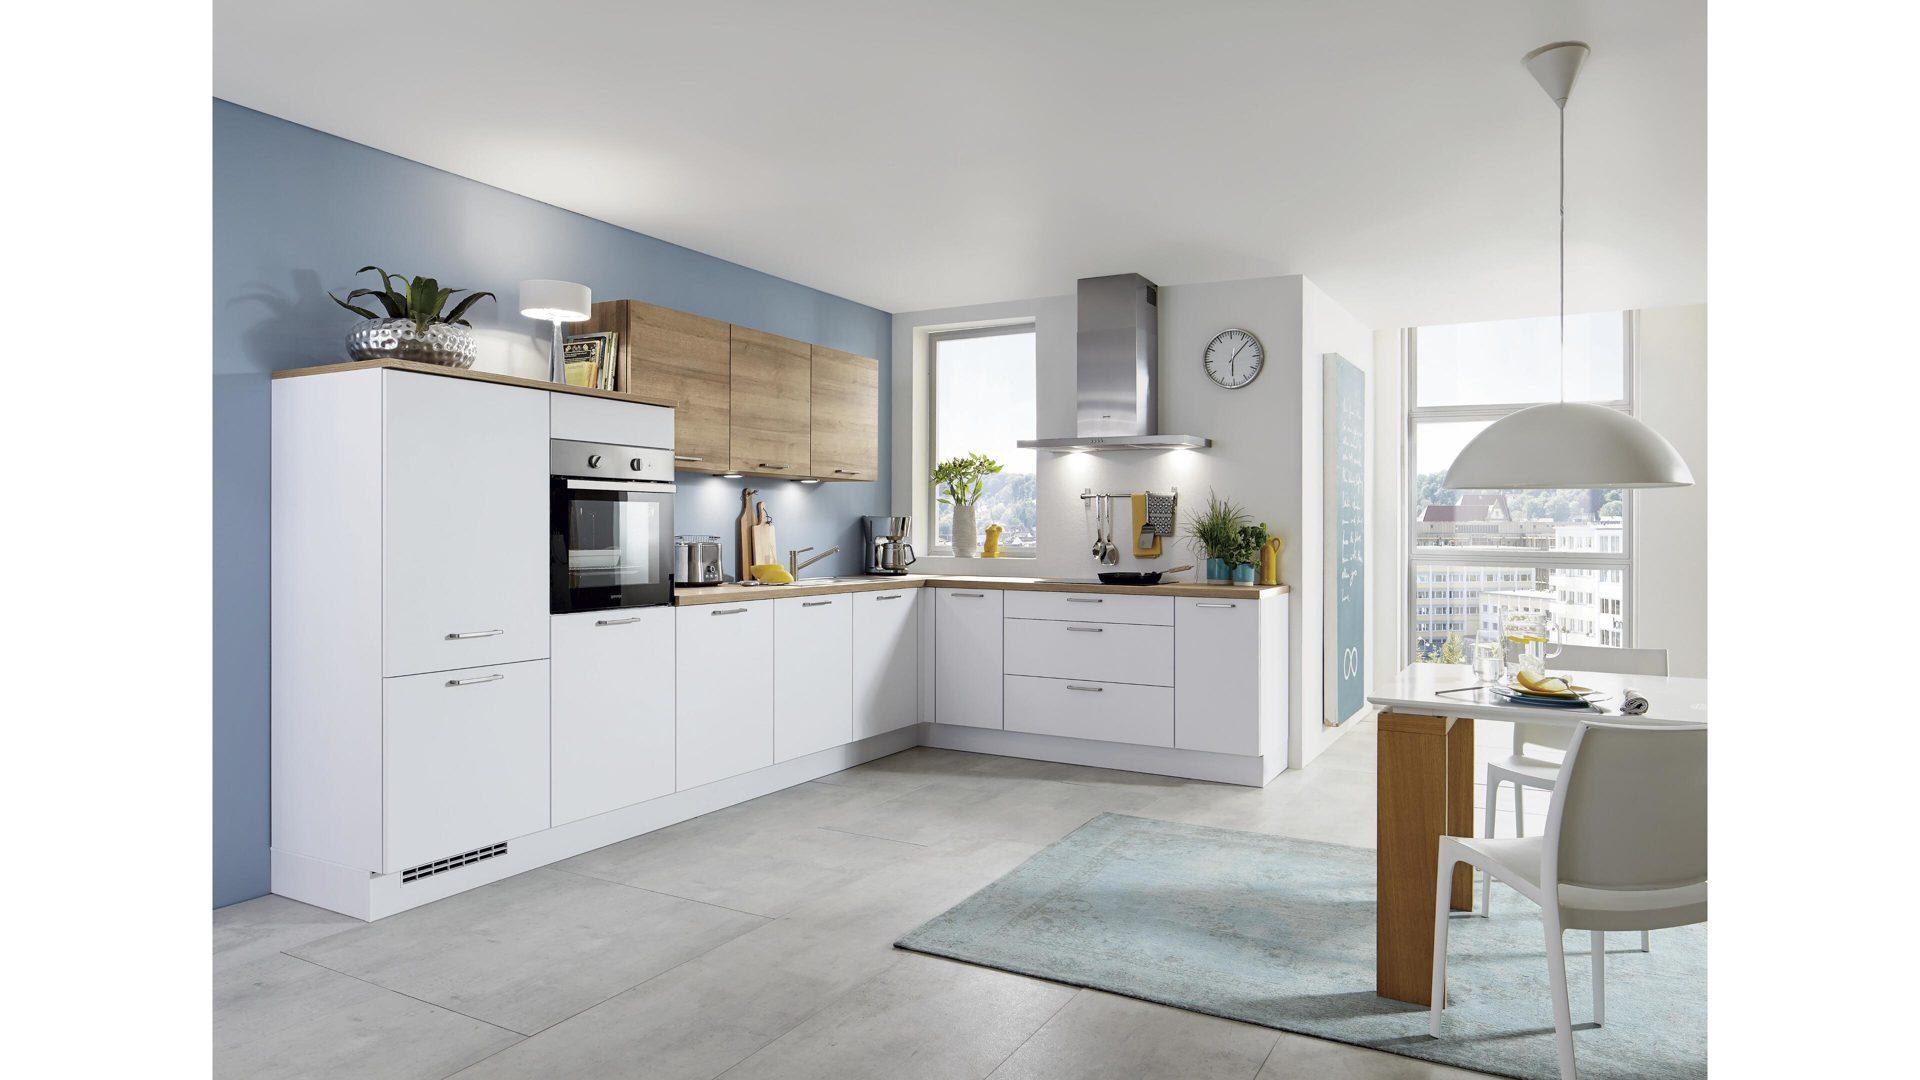 Möbel Bohn Crailsheim, Möbel A-Z, Küchen, Einbauküche, WERT ...